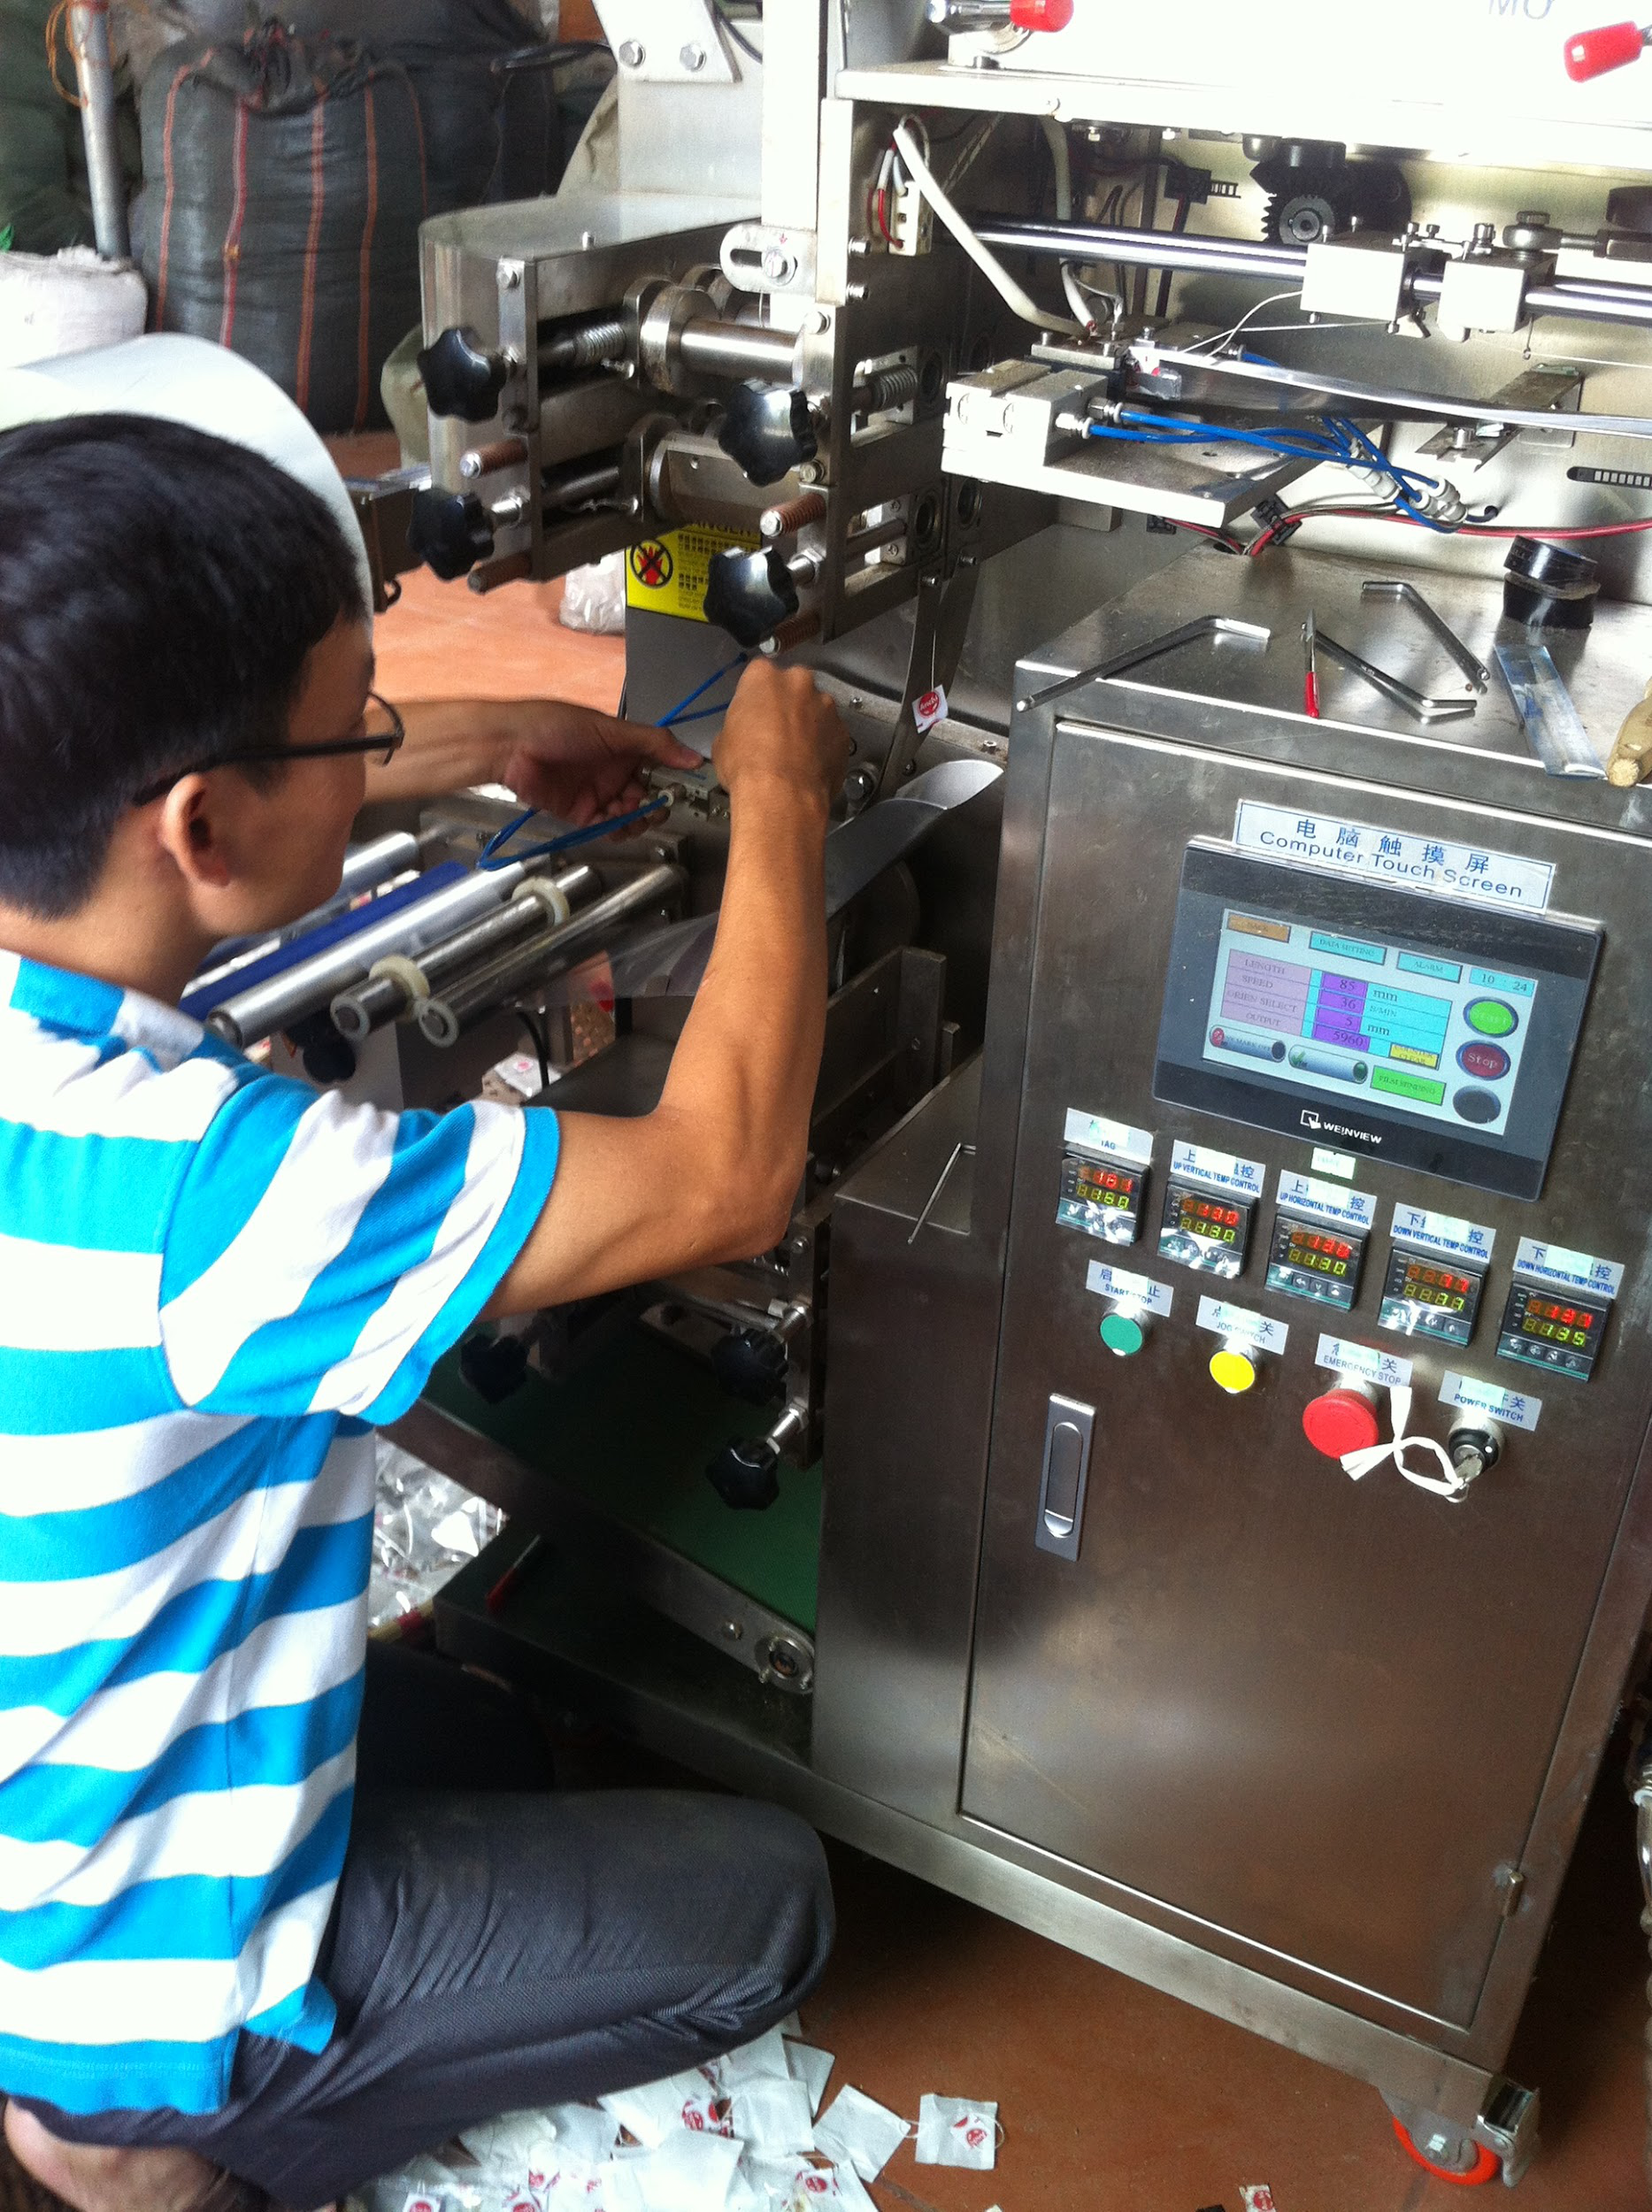 Khi mua máy đóng gói trà túi lọc mini cần phải kiểm tra thật kỹ độ mới của máy